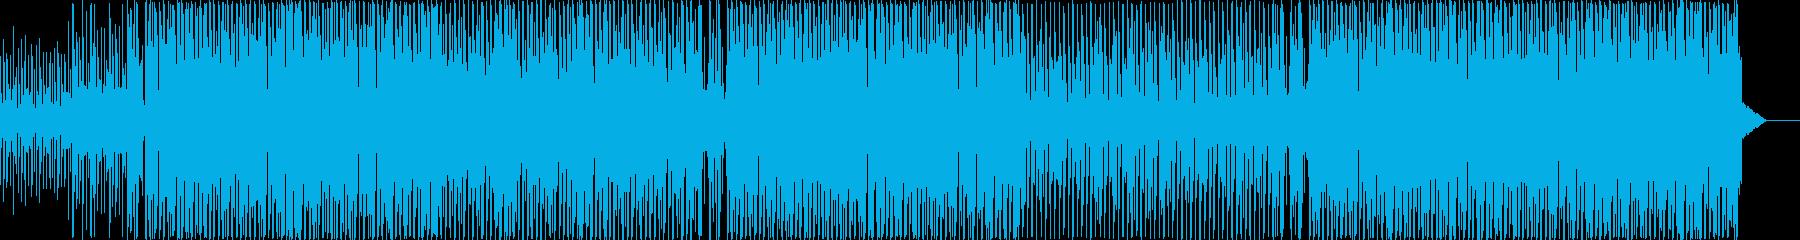 癖のないシンプルで、清潔感のあるEDMの再生済みの波形